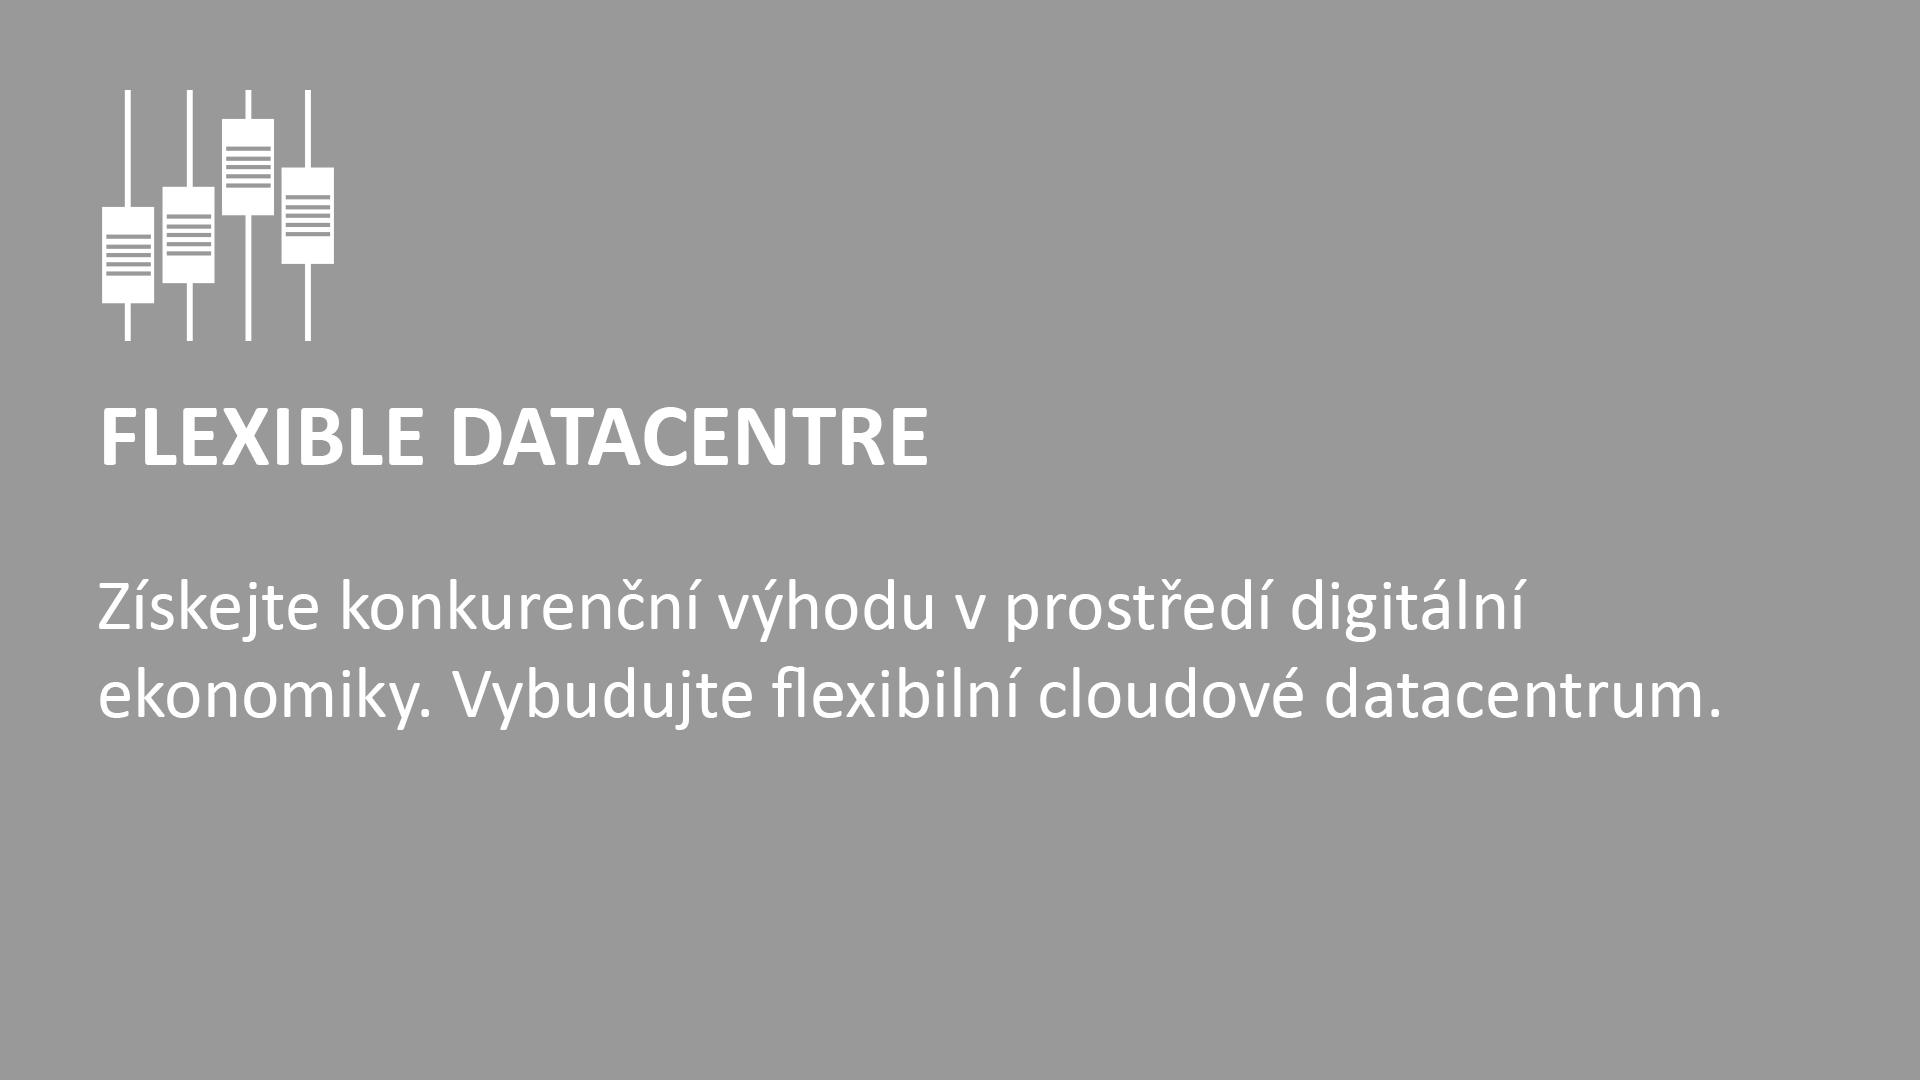 FLEXIBLE DATACENTRE  Získejte konkurenční výhodu v prostředí digitální ekonomiky.  Vybudujte flexibilní cloudové datacentrum.